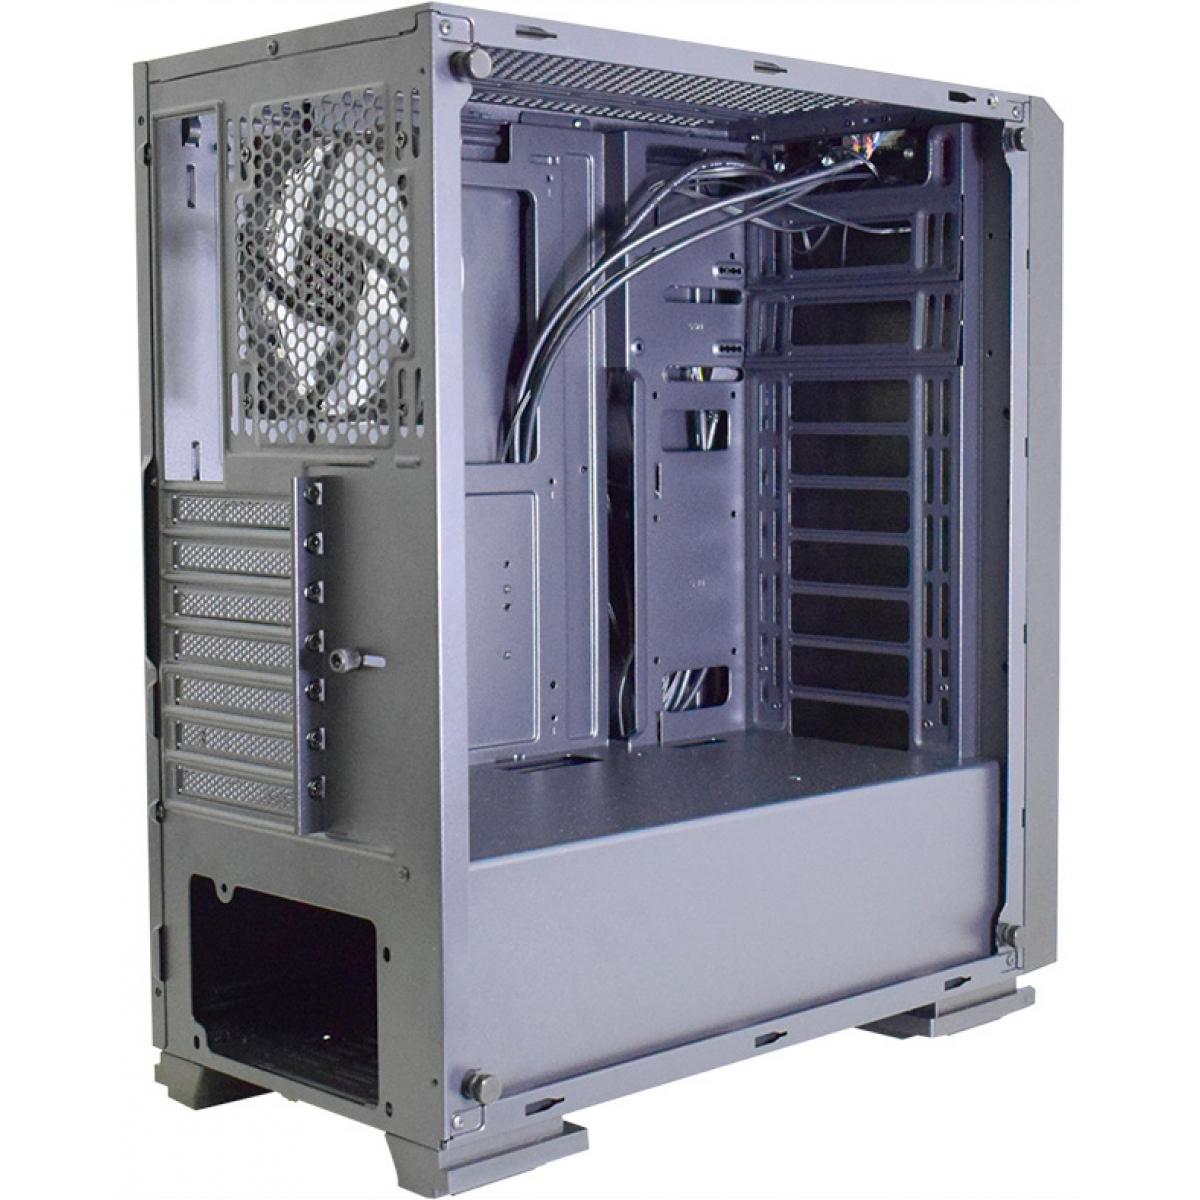 Gabinete Gamer K-mex Fox RGB, Mid Tower, Com 1 Fan, Vidro Temperado, Black, S-Fonte, CG-06RB